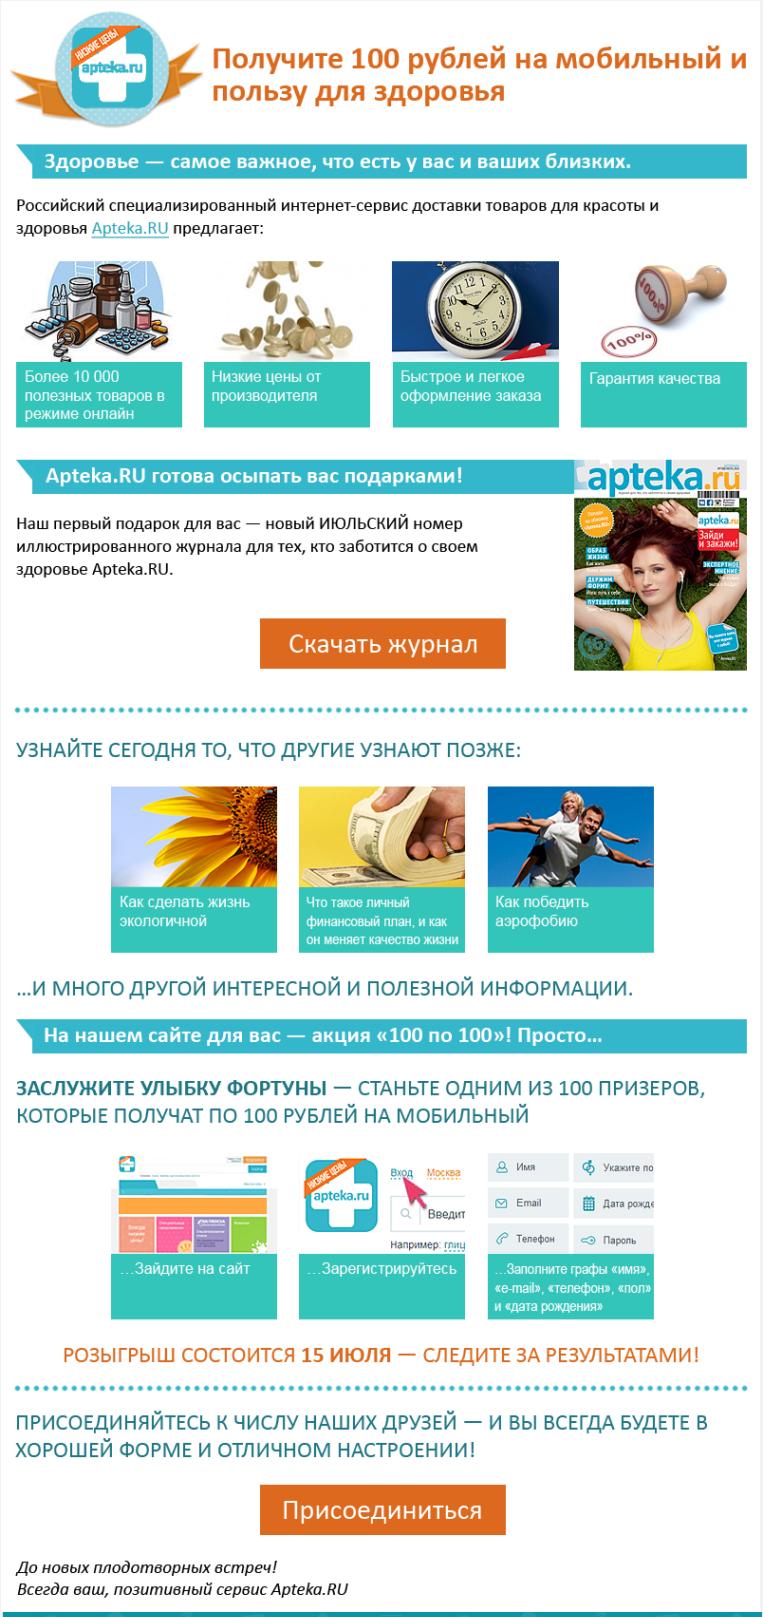 Графическая рассылка - Аптека.ру